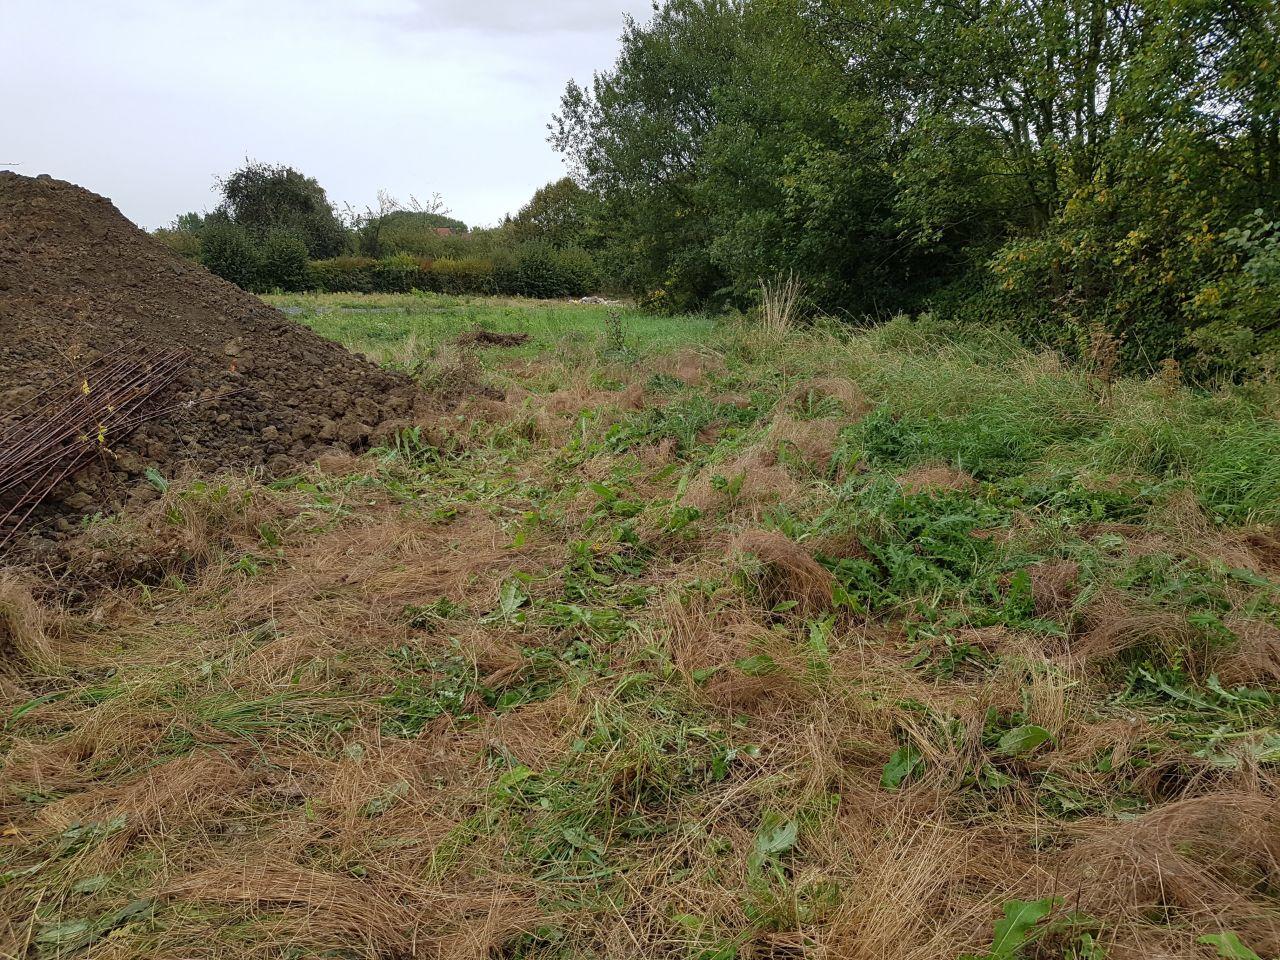 fond du terrain après arrachage à la main des mauvaises herbes, sacré boulot !!